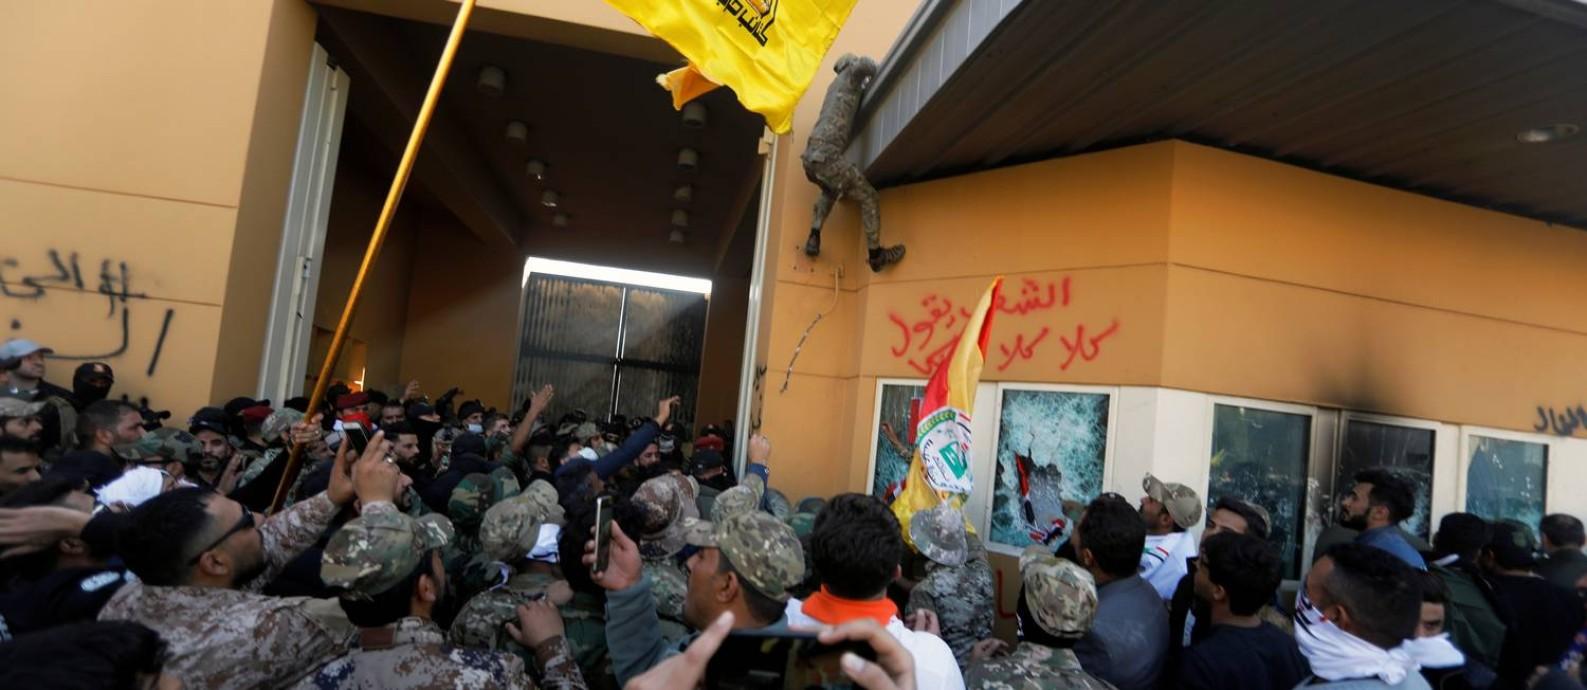 Manifestantes e integrantes das Forças de Mobilização Popular, que reúne milícias xiitas iraquianas, chegam ao portão da embaixada americana em Bagdá Foto: KHALID AL-MOUSILY / REUTERS